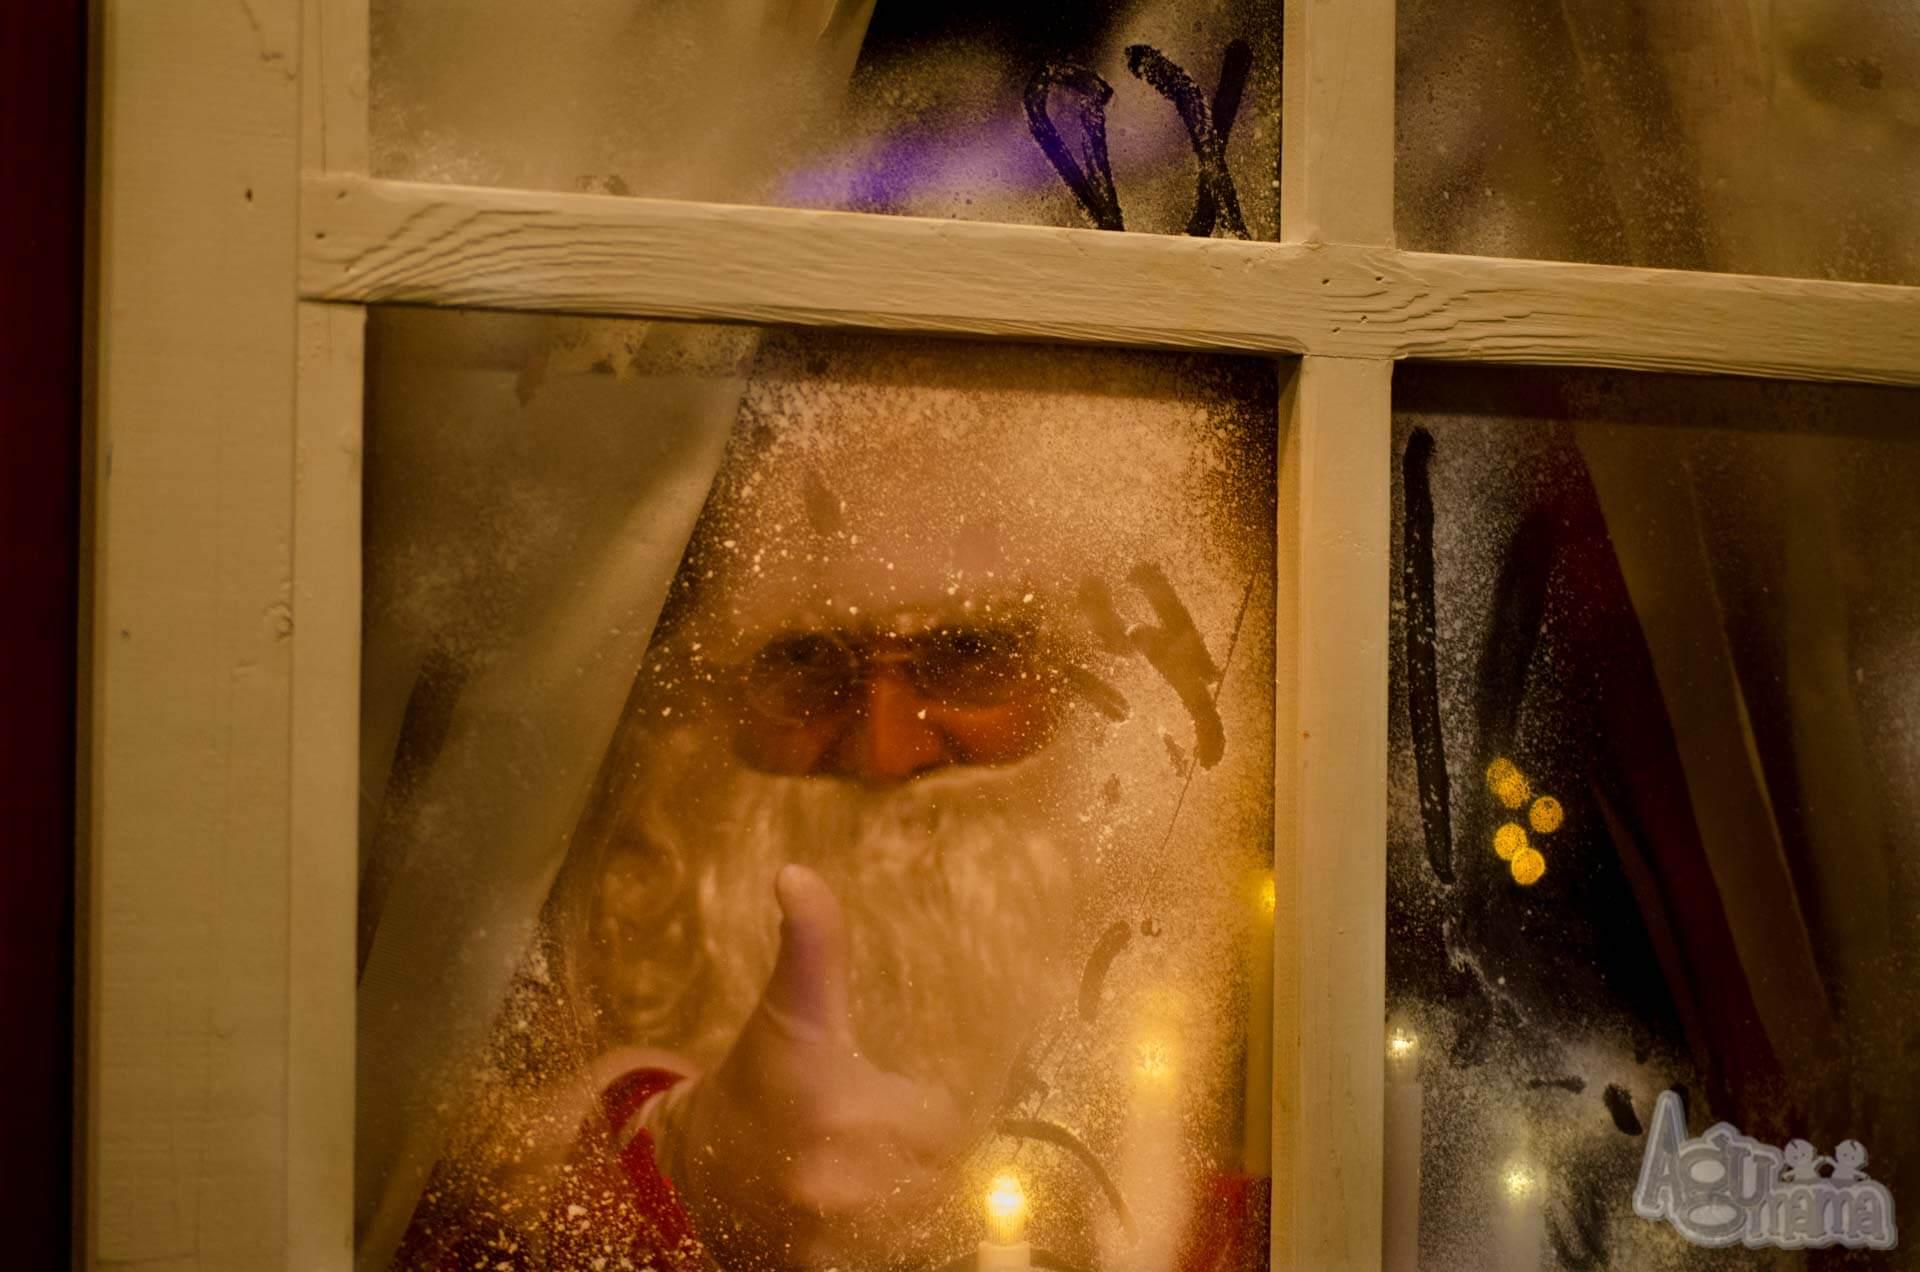 agumama wielka fabryka elfów święty mikołaj